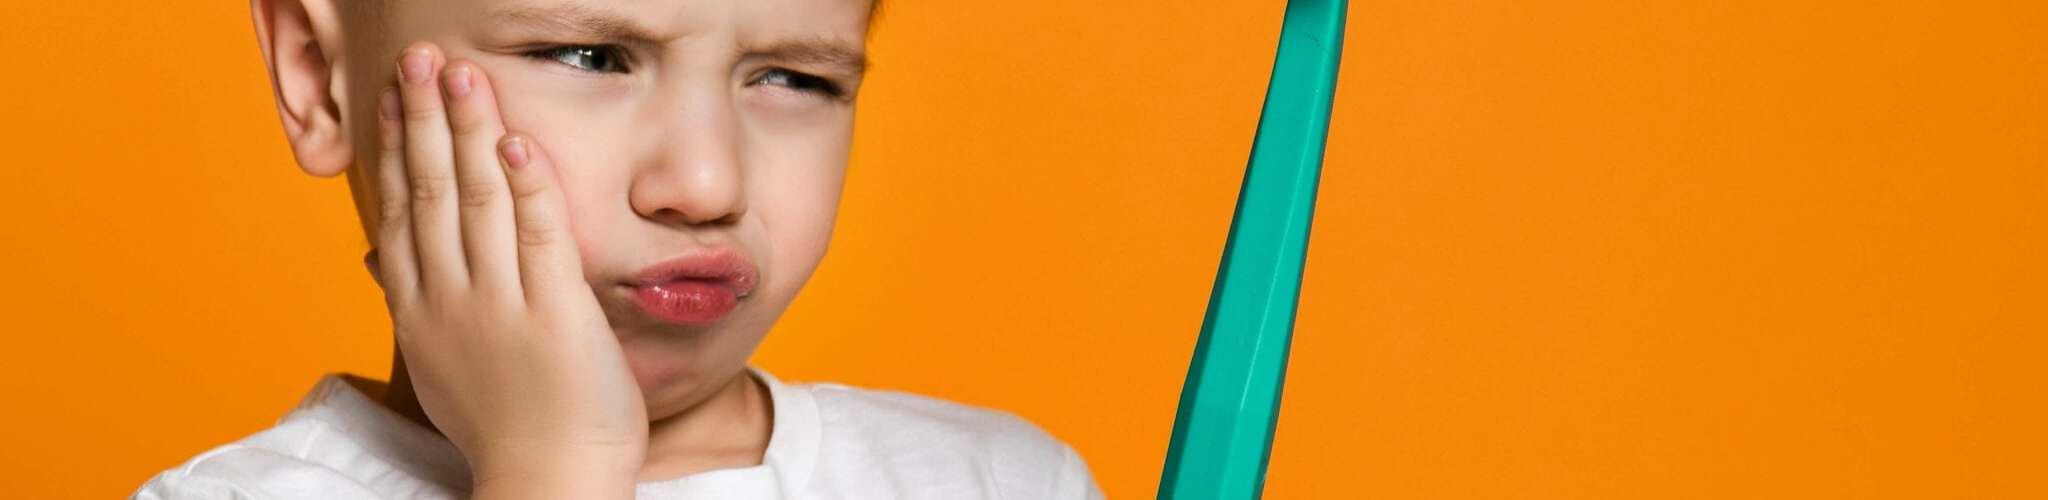 الم الاسنان عند الاطفال